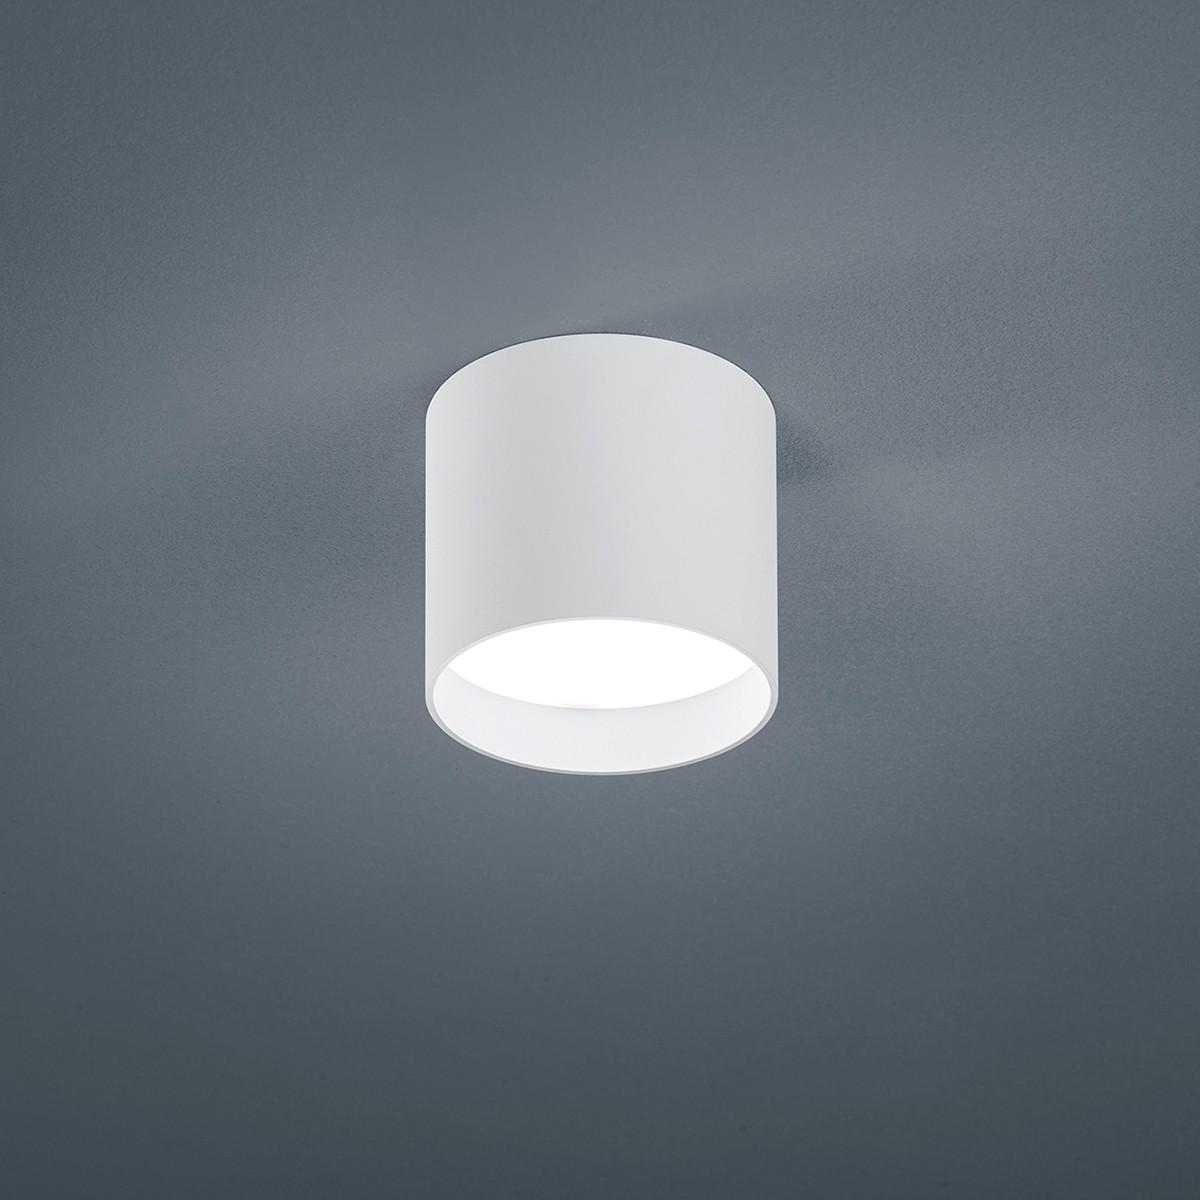 Helestra Dora Deckenleuchte, rund, weiß matt - Glas satiniert